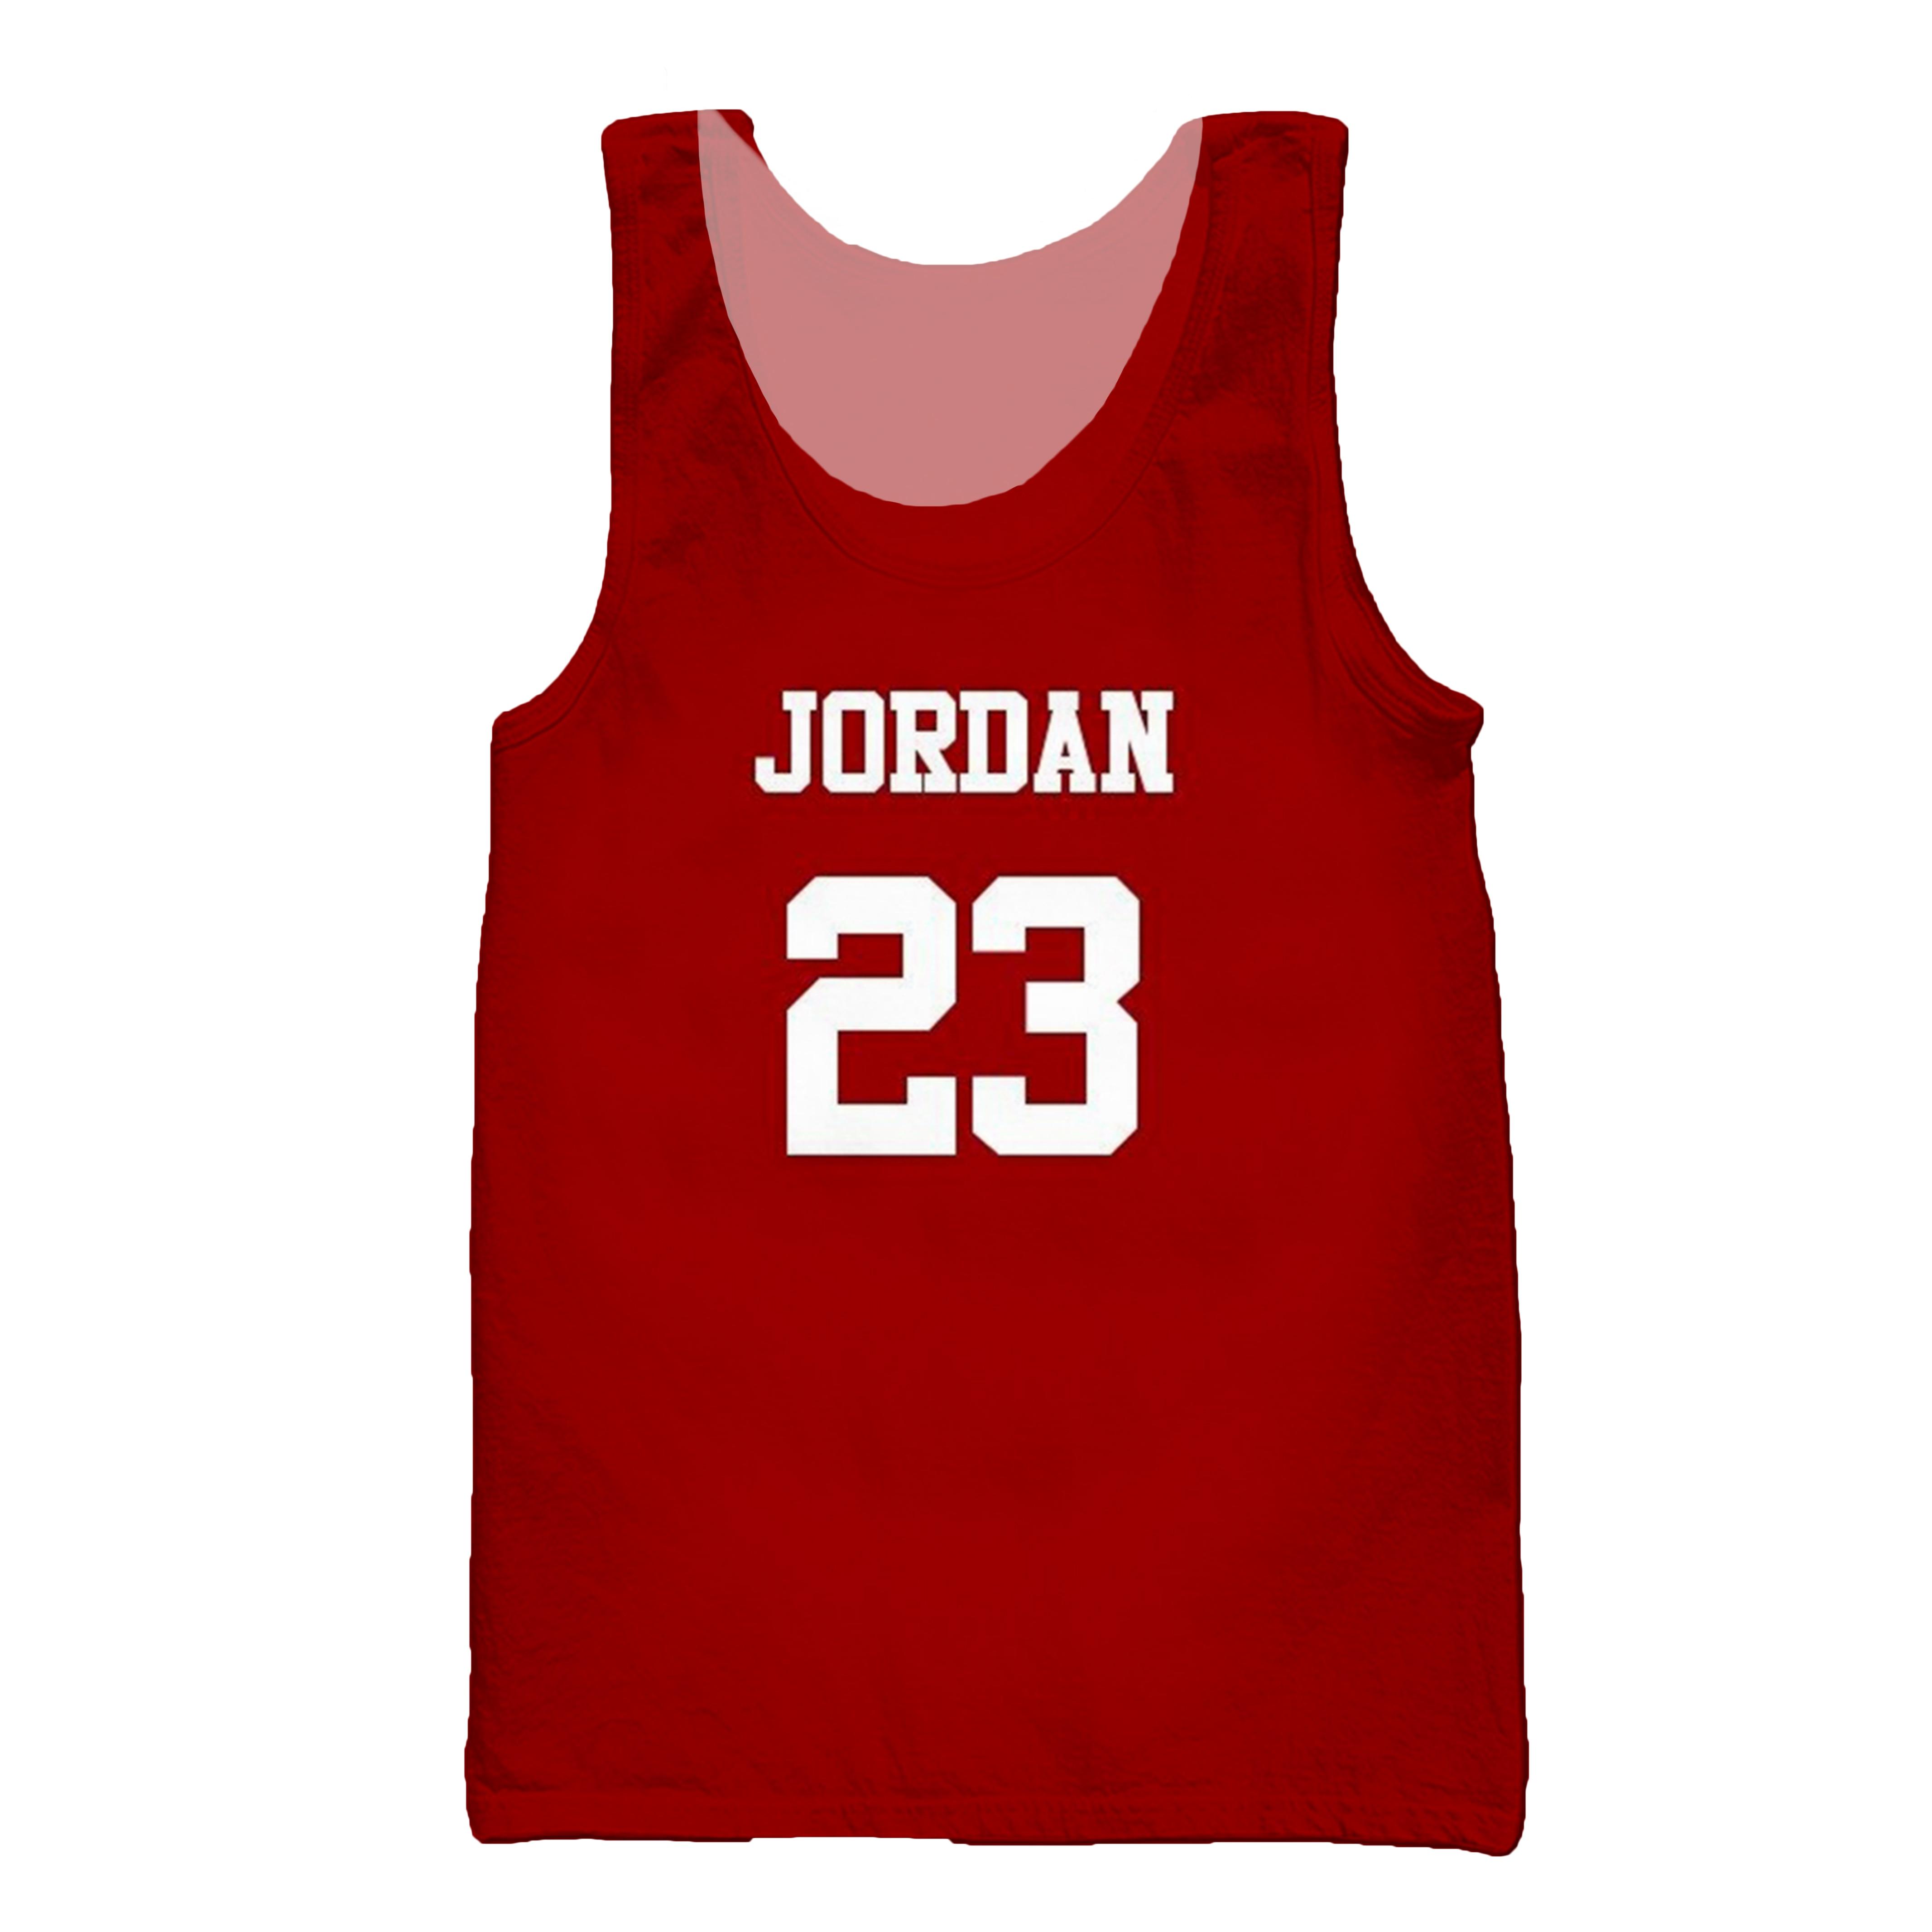 Мужской и wo мужской баскетбольный жилет Jordan 23 спортивный жилет мяч костюм 2019 новый спортивный жилет для фитнеса бега отдыха